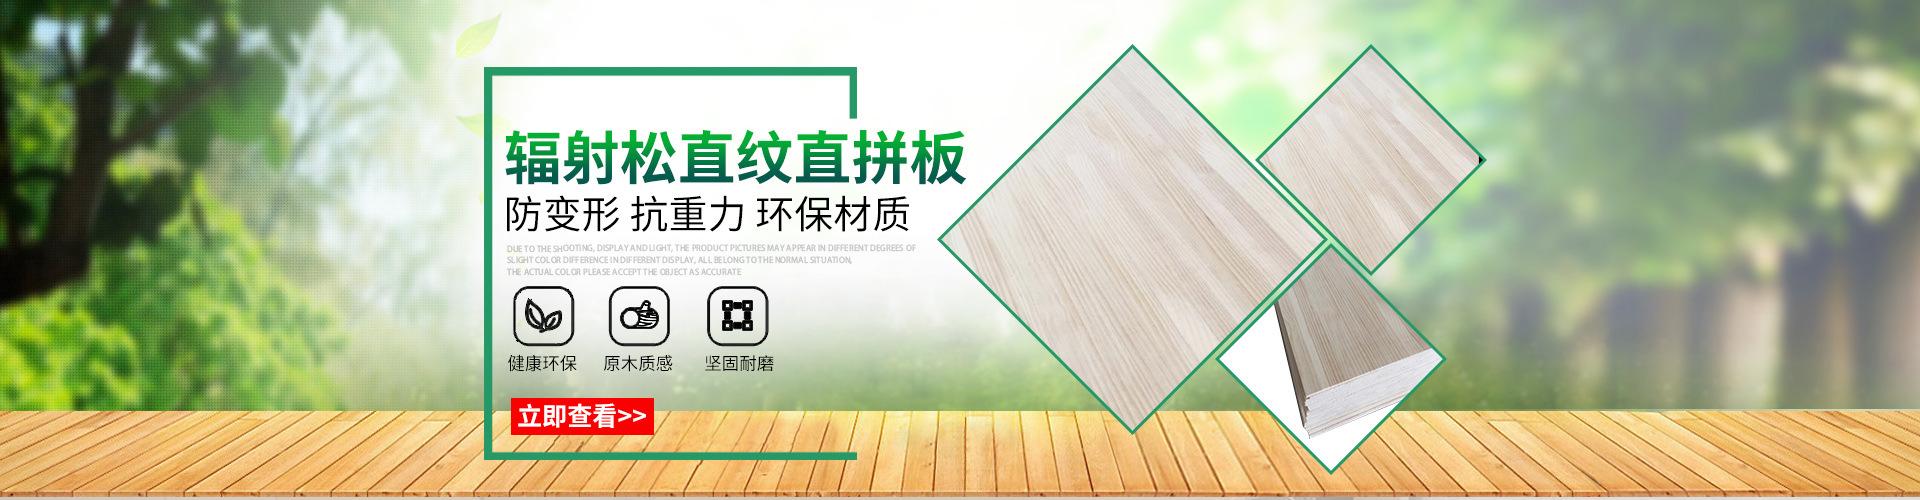 临沂市兰山区百信木业板材厂